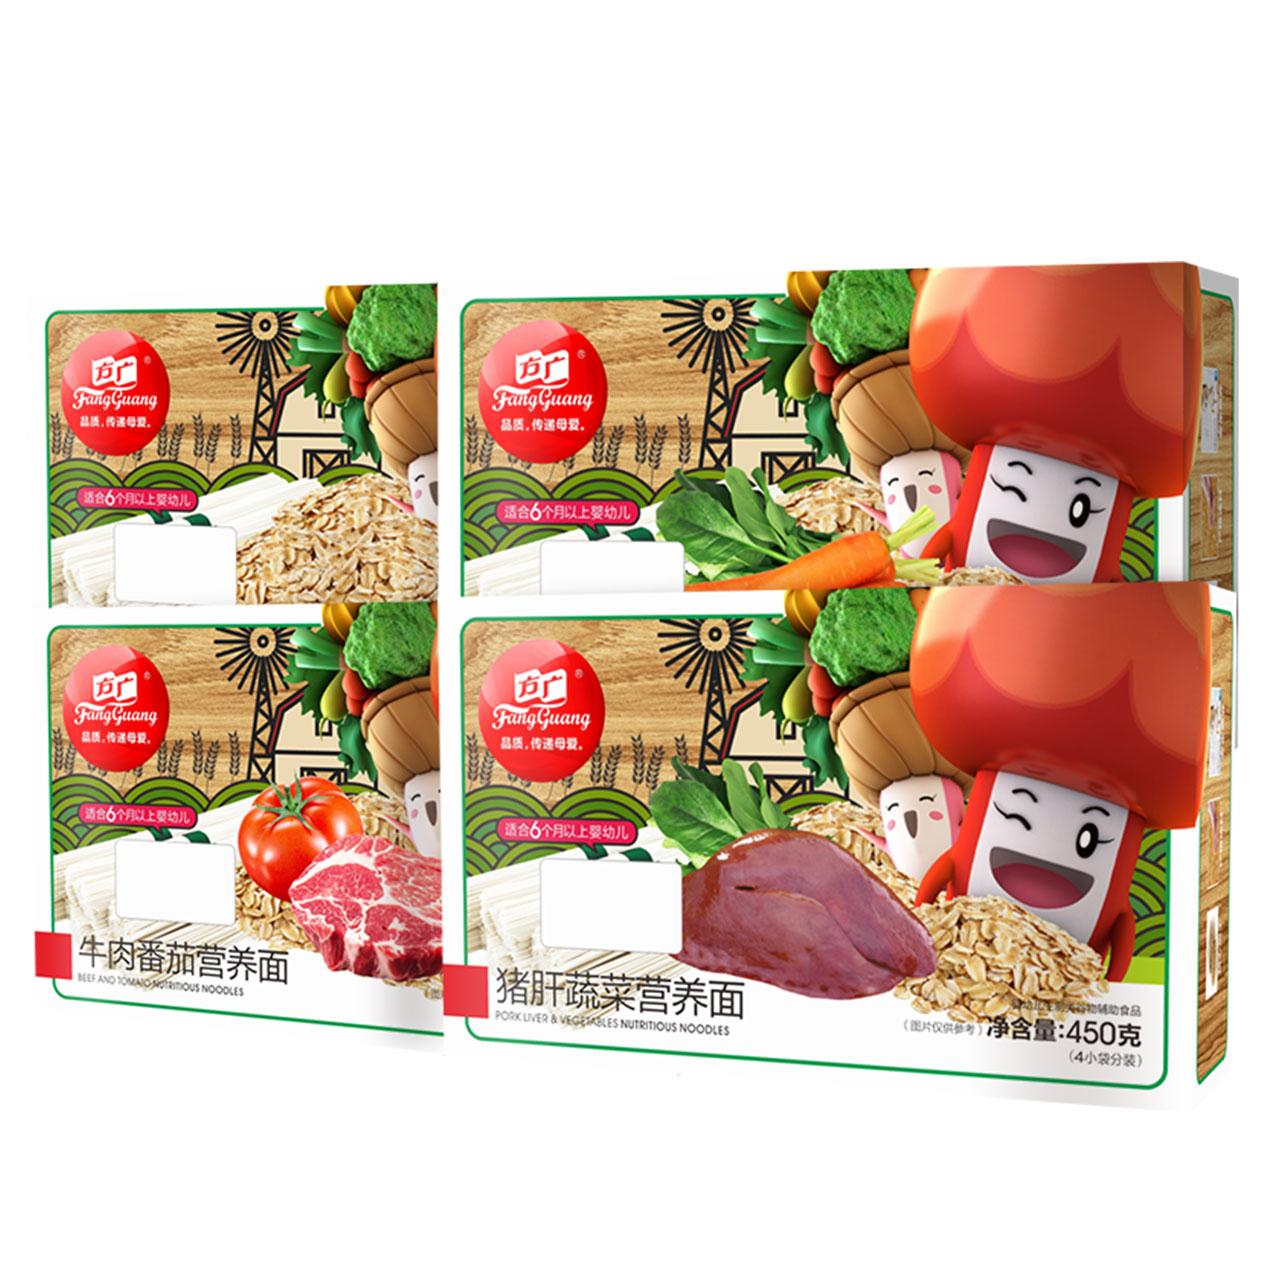 方广面条450g*4盒宝宝面条 营养面婴儿面条辅食6-36个月不添加盐